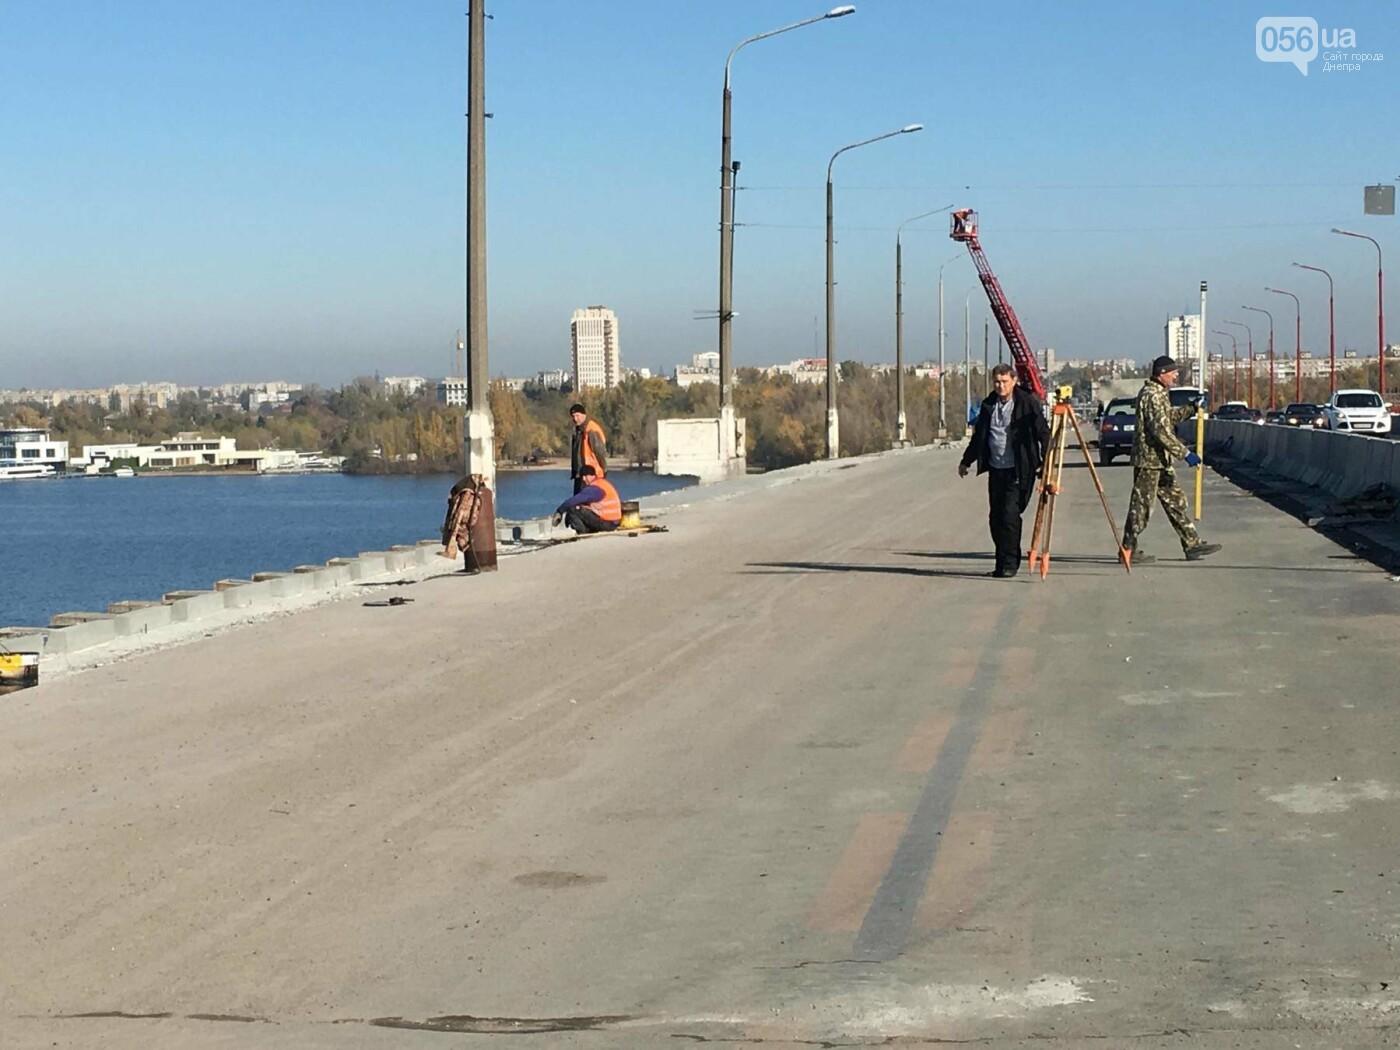 На Новом мосту в Днепре продолжает падать фонарный столб: что с ним будут делать, - ФОТО,  ВИДЕО, фото-6